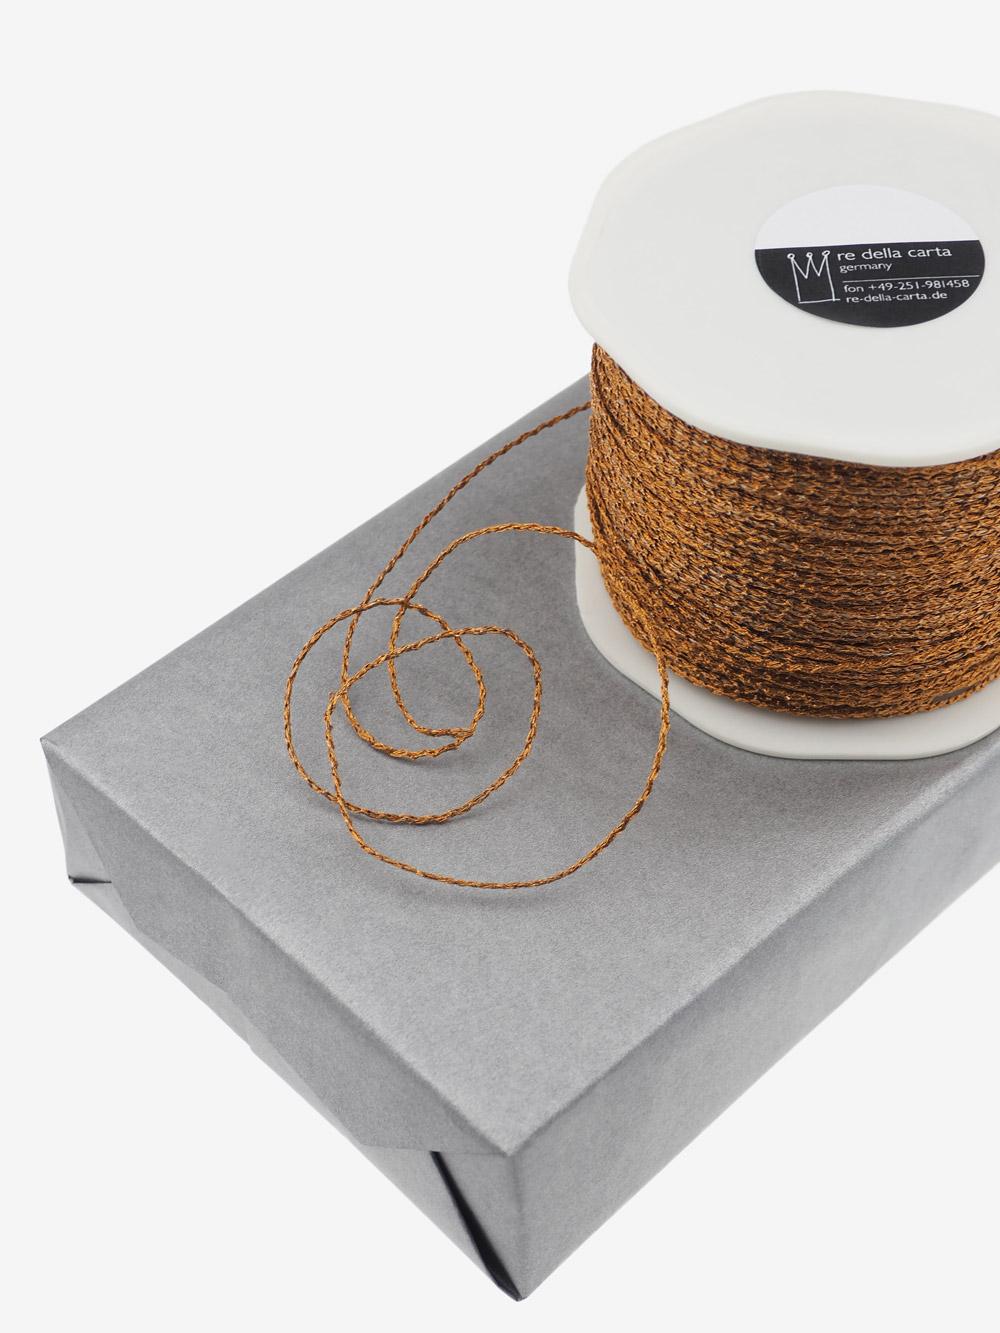 Kupferdraht Kordeloptik - edel für Weihnachtsverpackungen Grossrolle